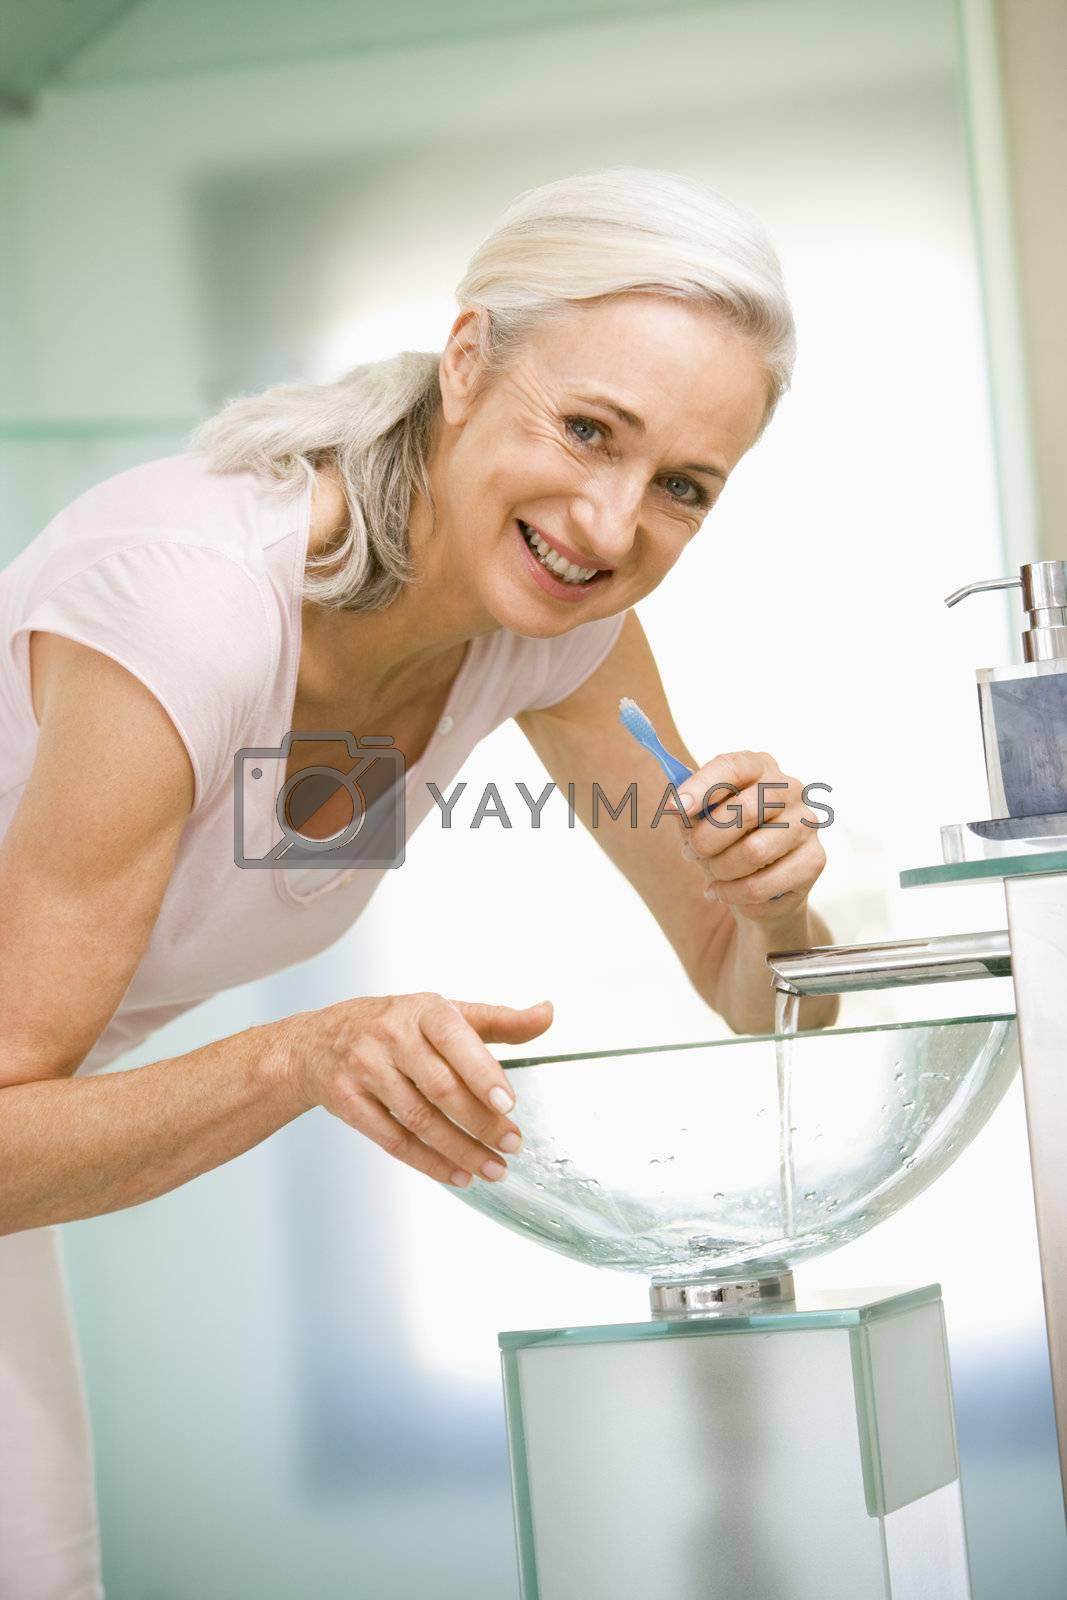 Woman in bathroom brushing teeth smiling